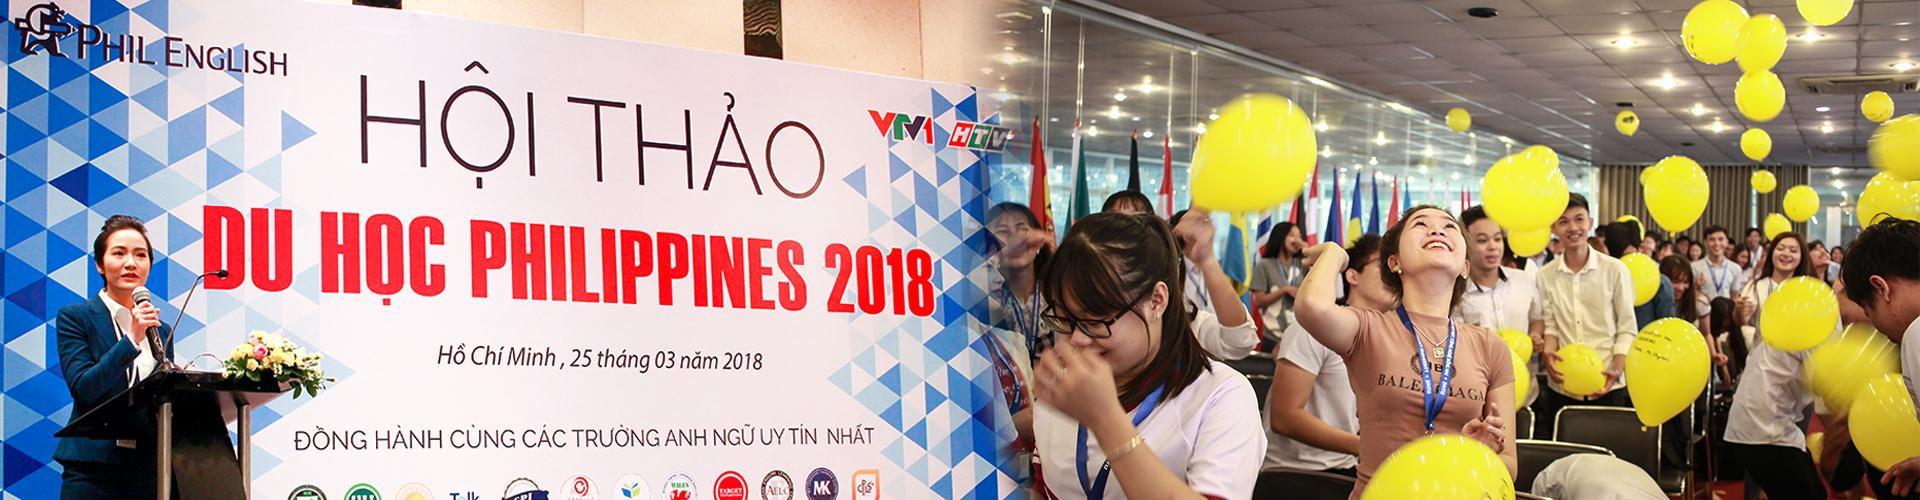 hoi thao du hoc philippines 2018